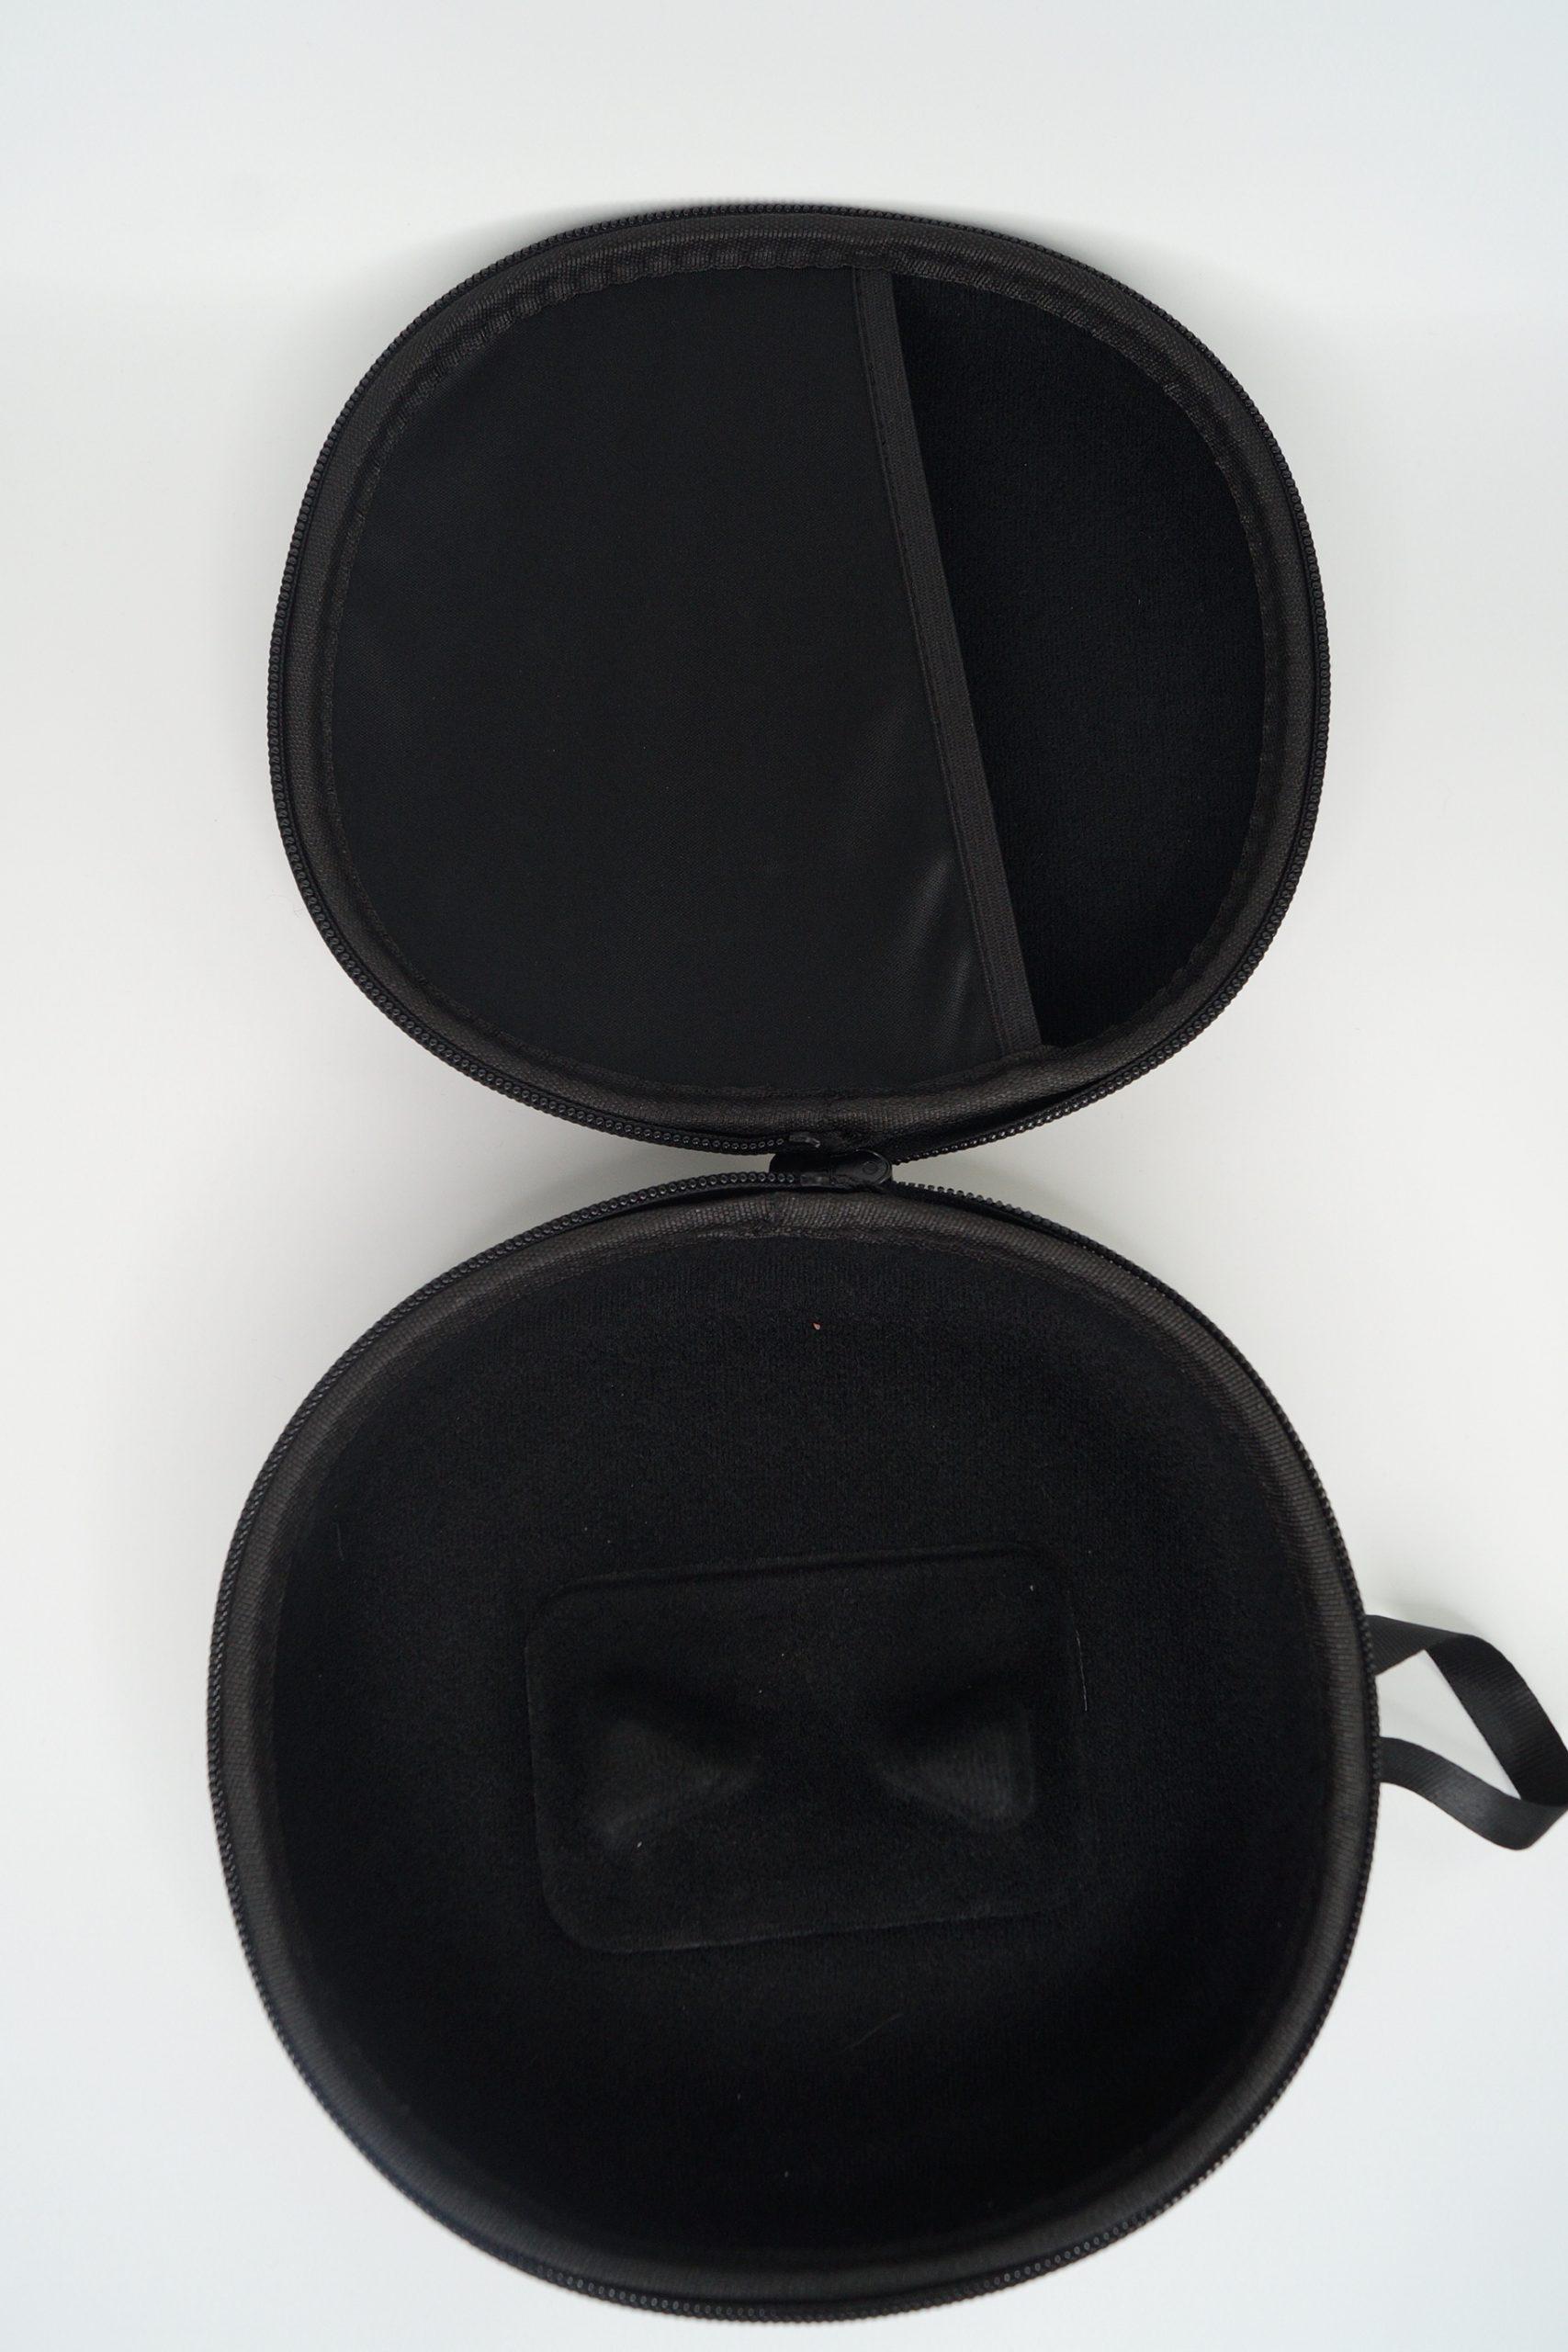 aiwa arc-1 anc test Tasche